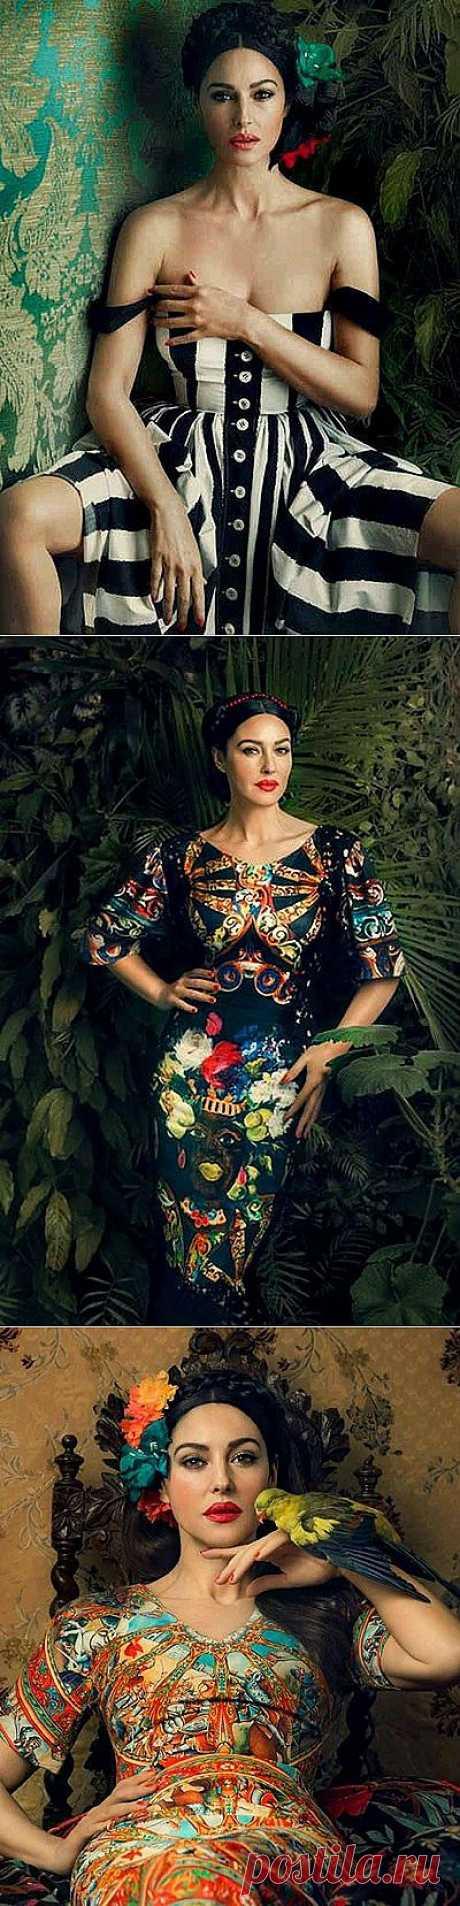 Mónica Belluchchi estupenda en el número de marzo ukrinskogo Harper's Bazaar